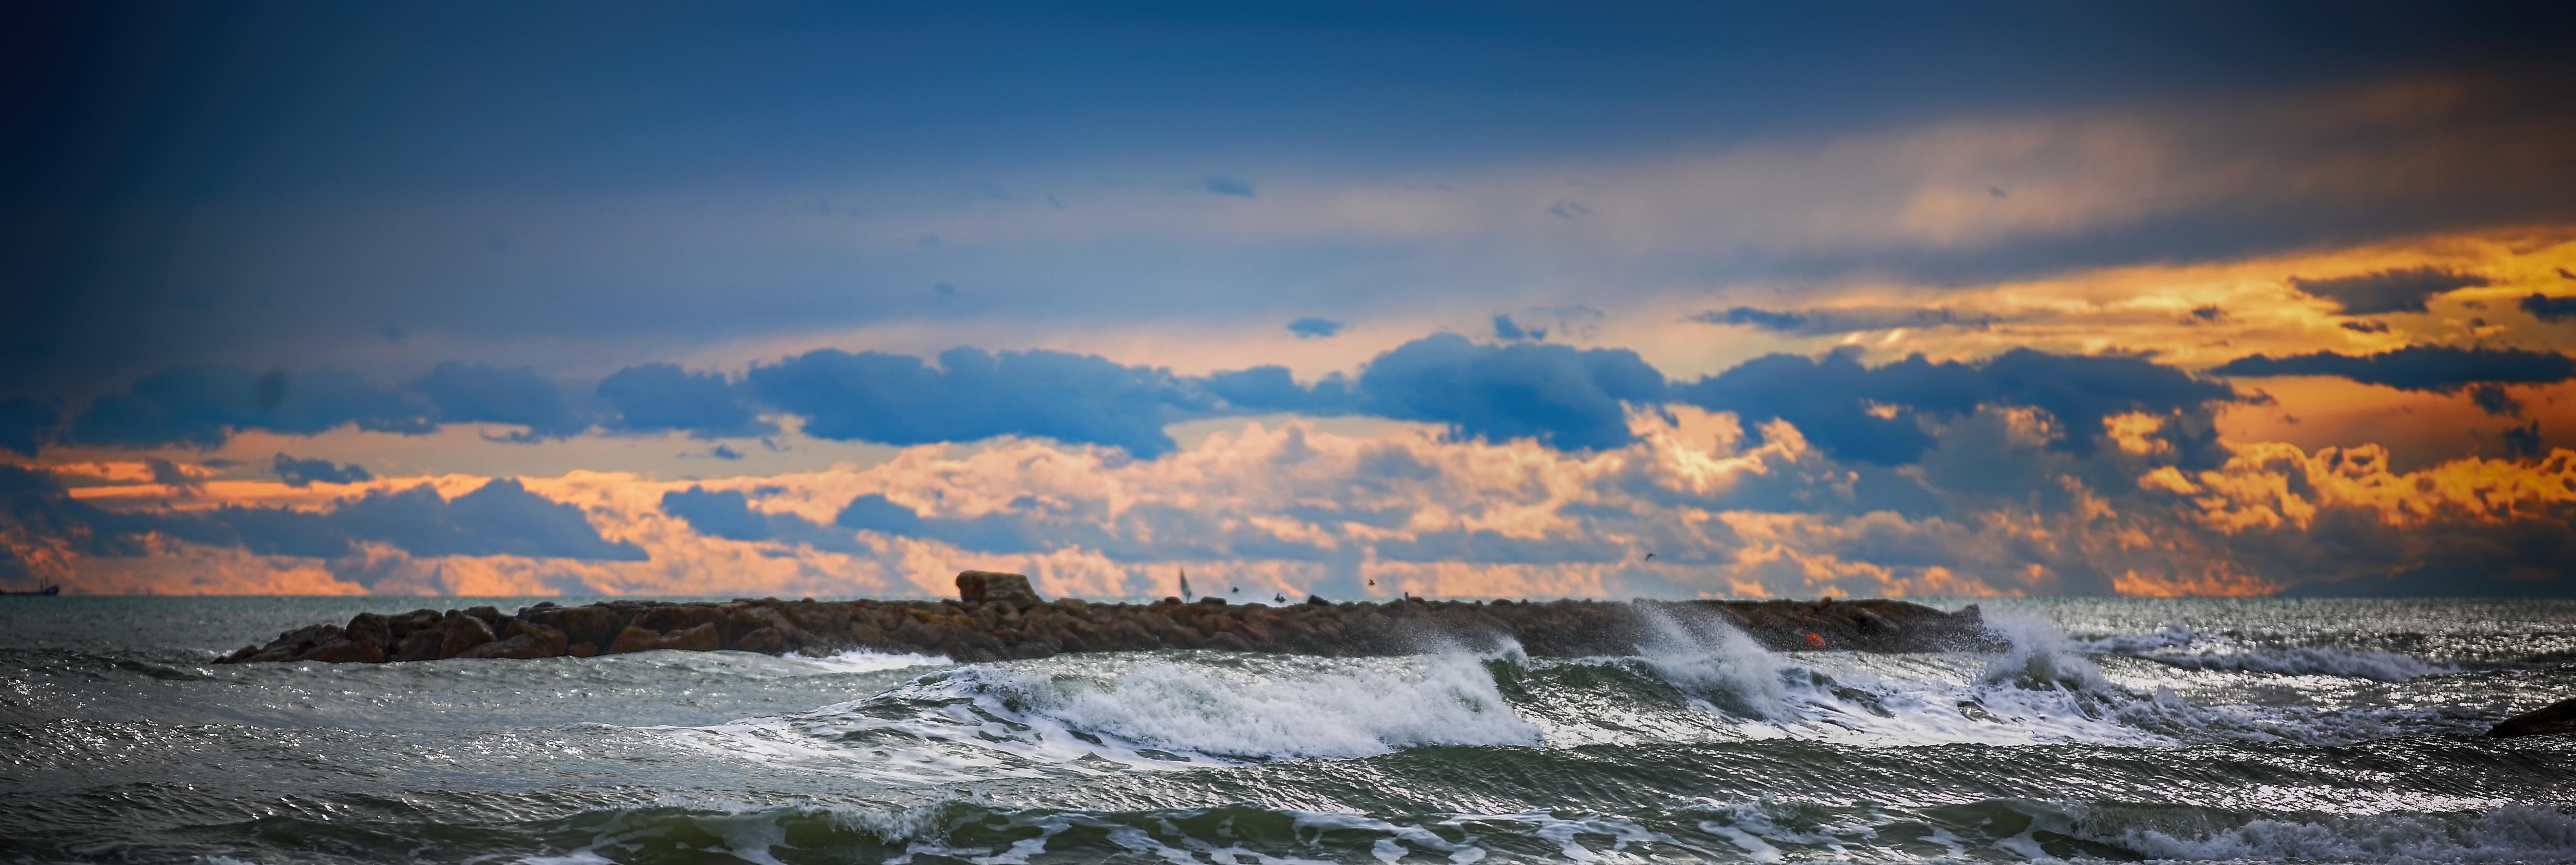 Photo de nature, photo bord de mer, photo de paysage à Montpellier - Photographe à Montpellier